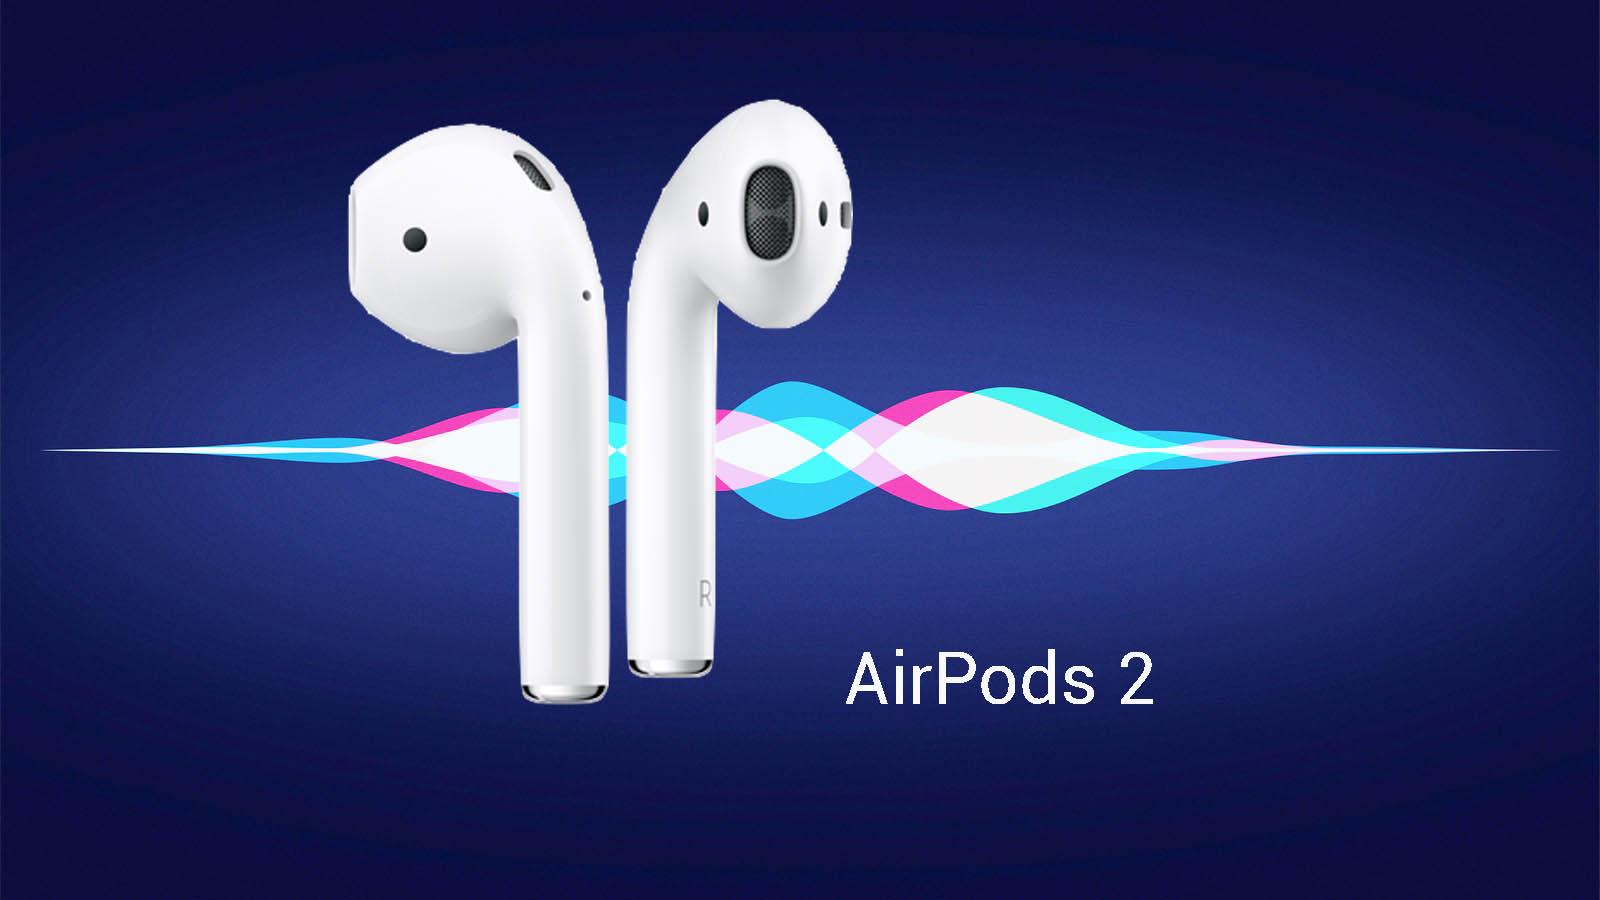 按传闻组合的完美 AirPods 2,你最期待哪些改进?